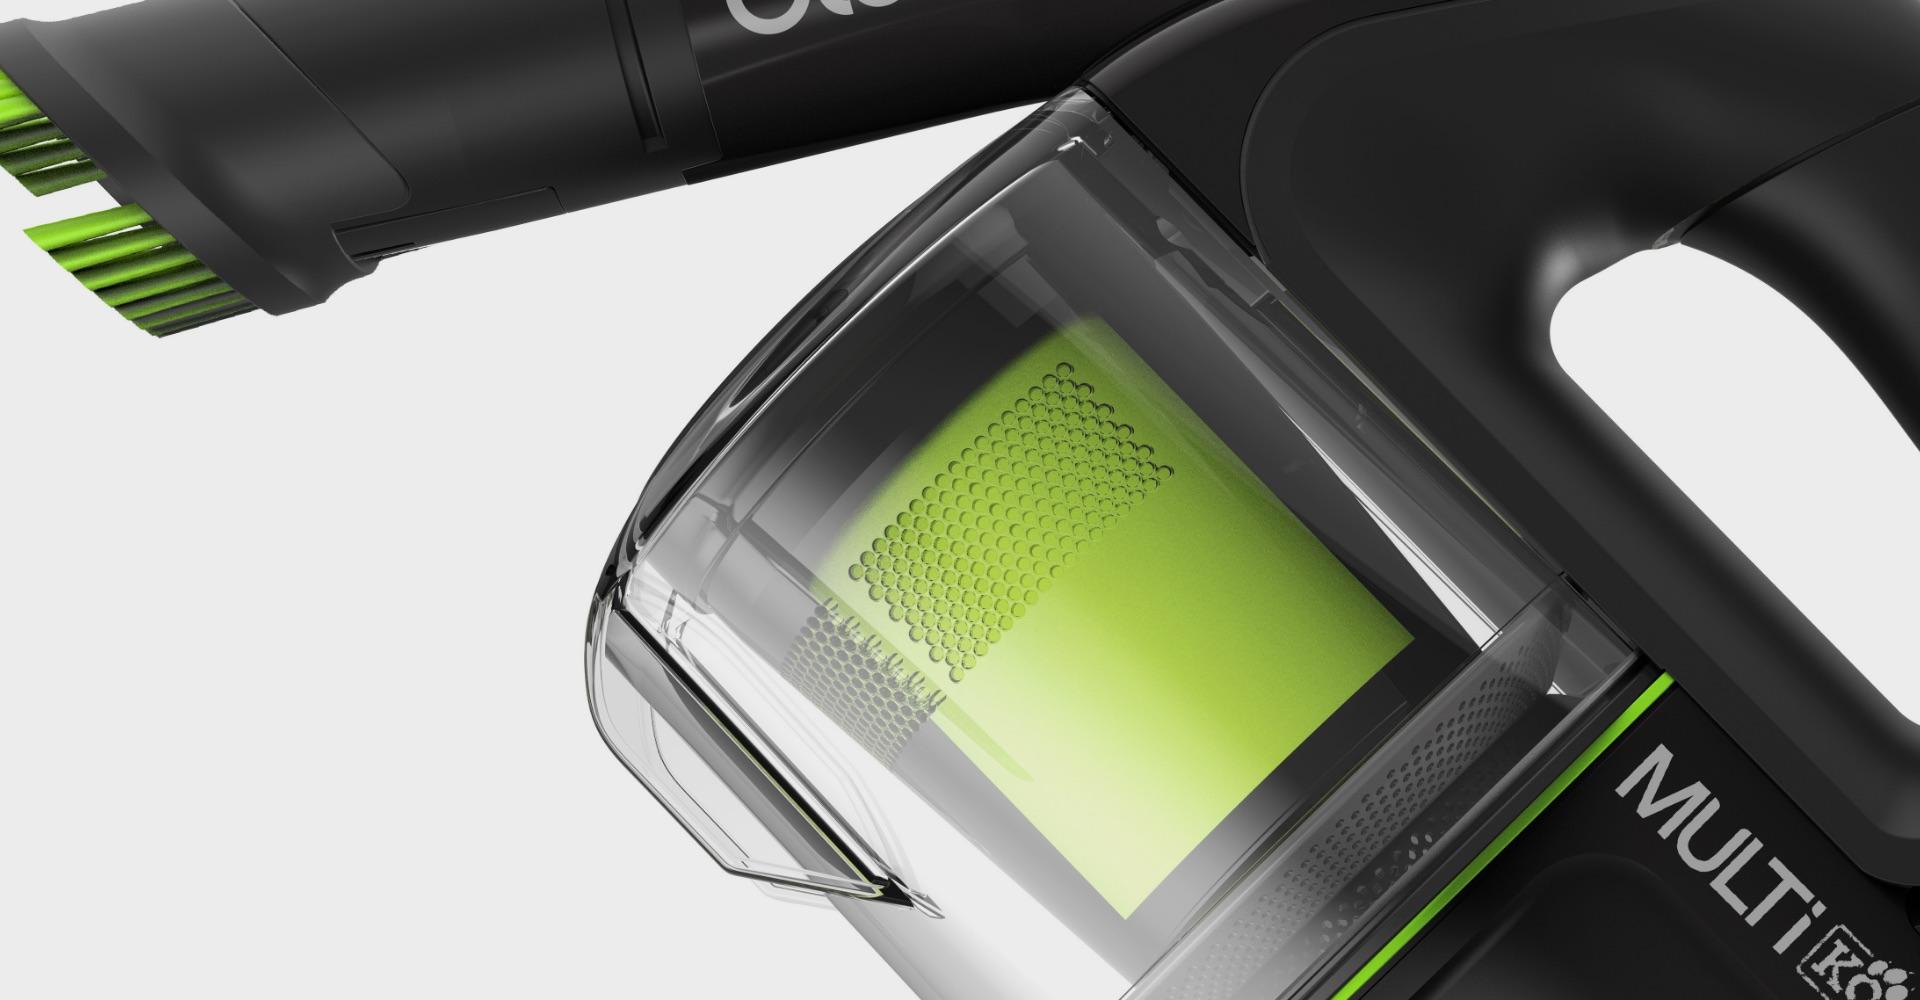 Multi K9 handheld vacuum cleaner versatile attachments